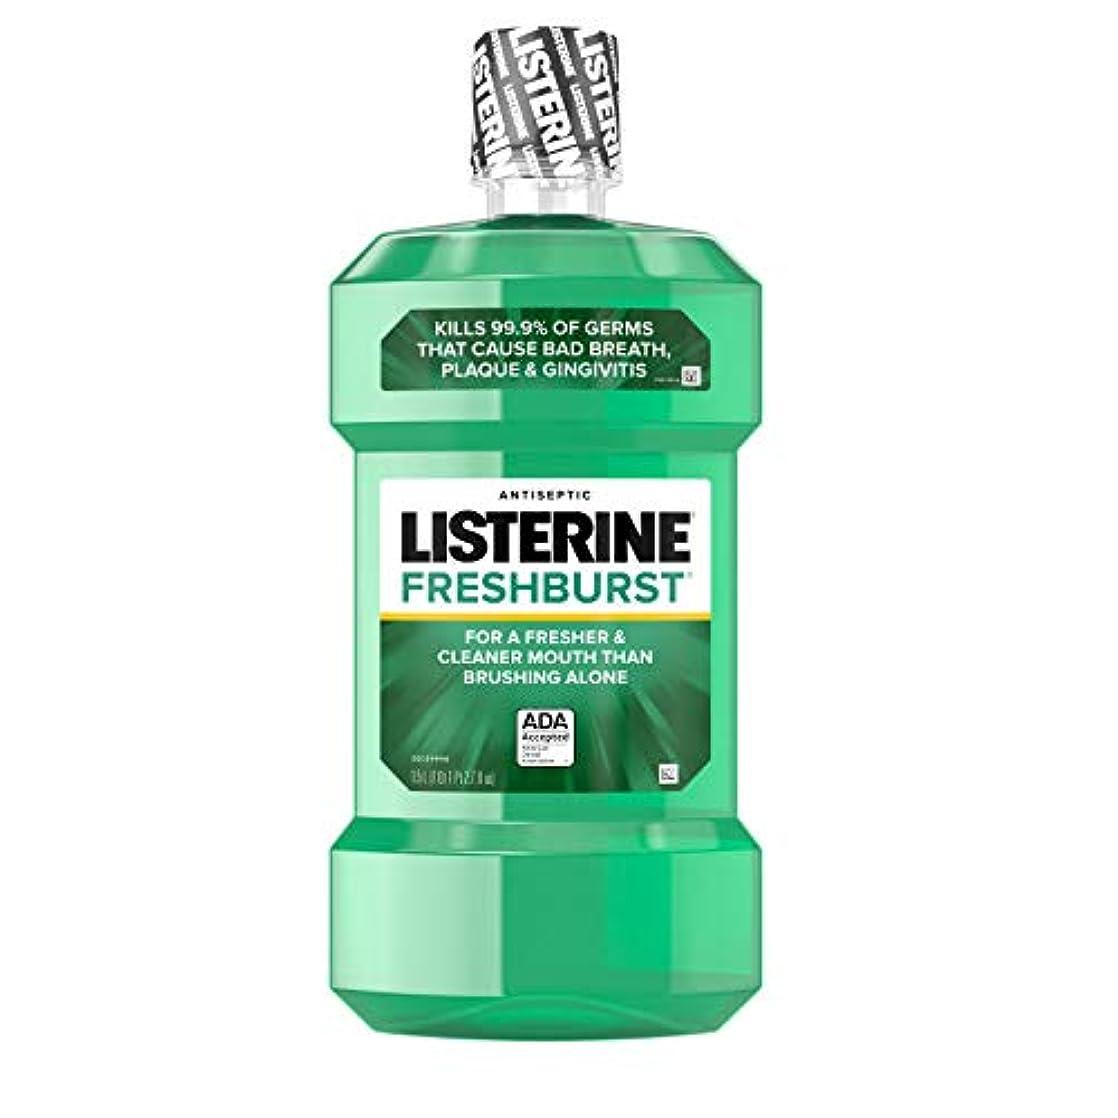 下手対処誤ってListerine 口臭と戦うために生殖?キリングオーラルケアフォーミュラ、プラークと歯肉炎とFreshburst消毒うがい薬、1.5 L